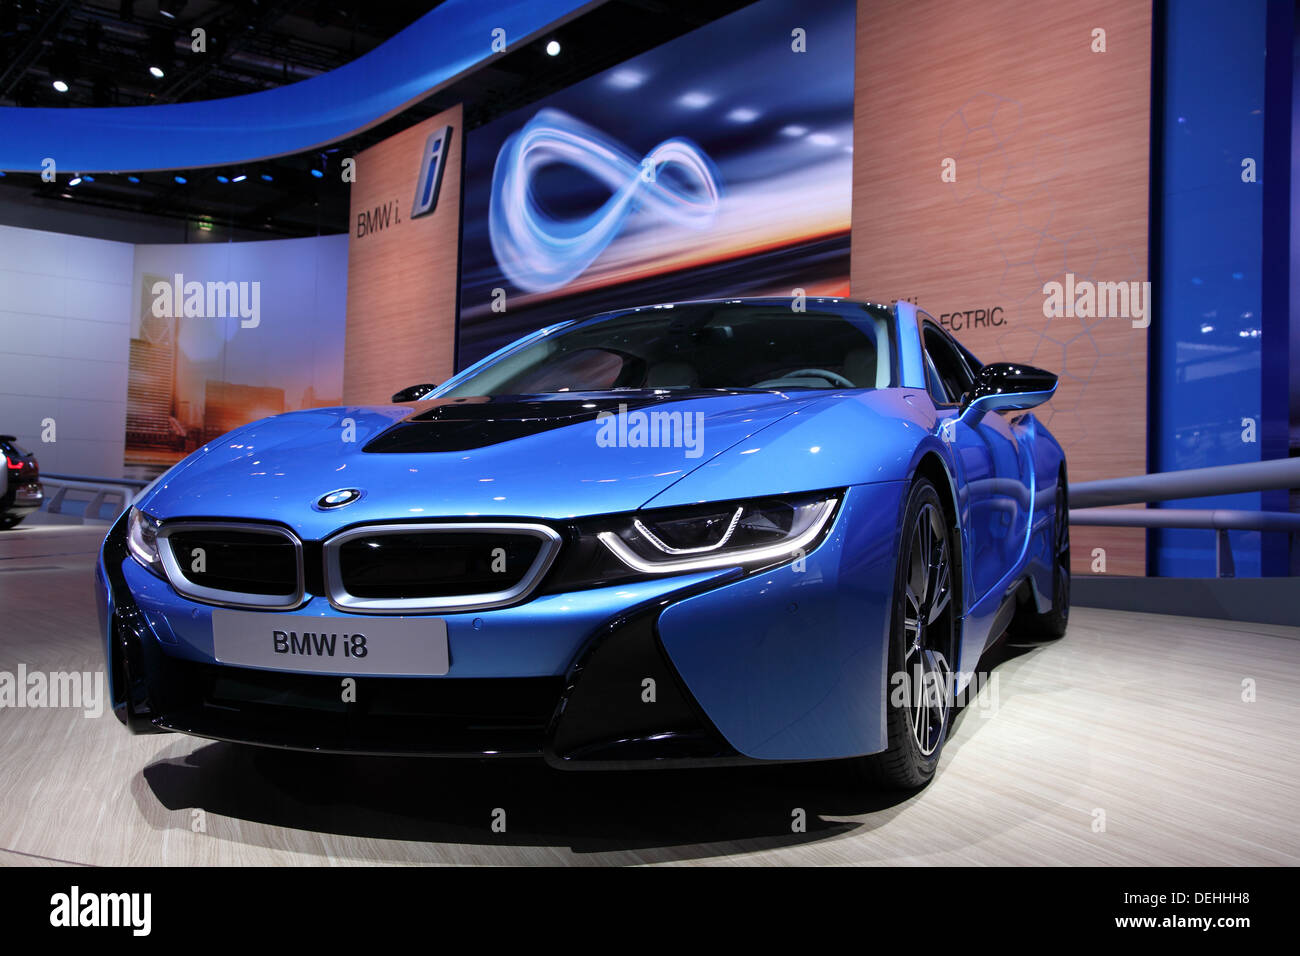 Salón Internacional del Automóvil de Frankfurt, Alemania. Nuevo BMW i8 Coche eléctrico en la 65a Imagen De Stock